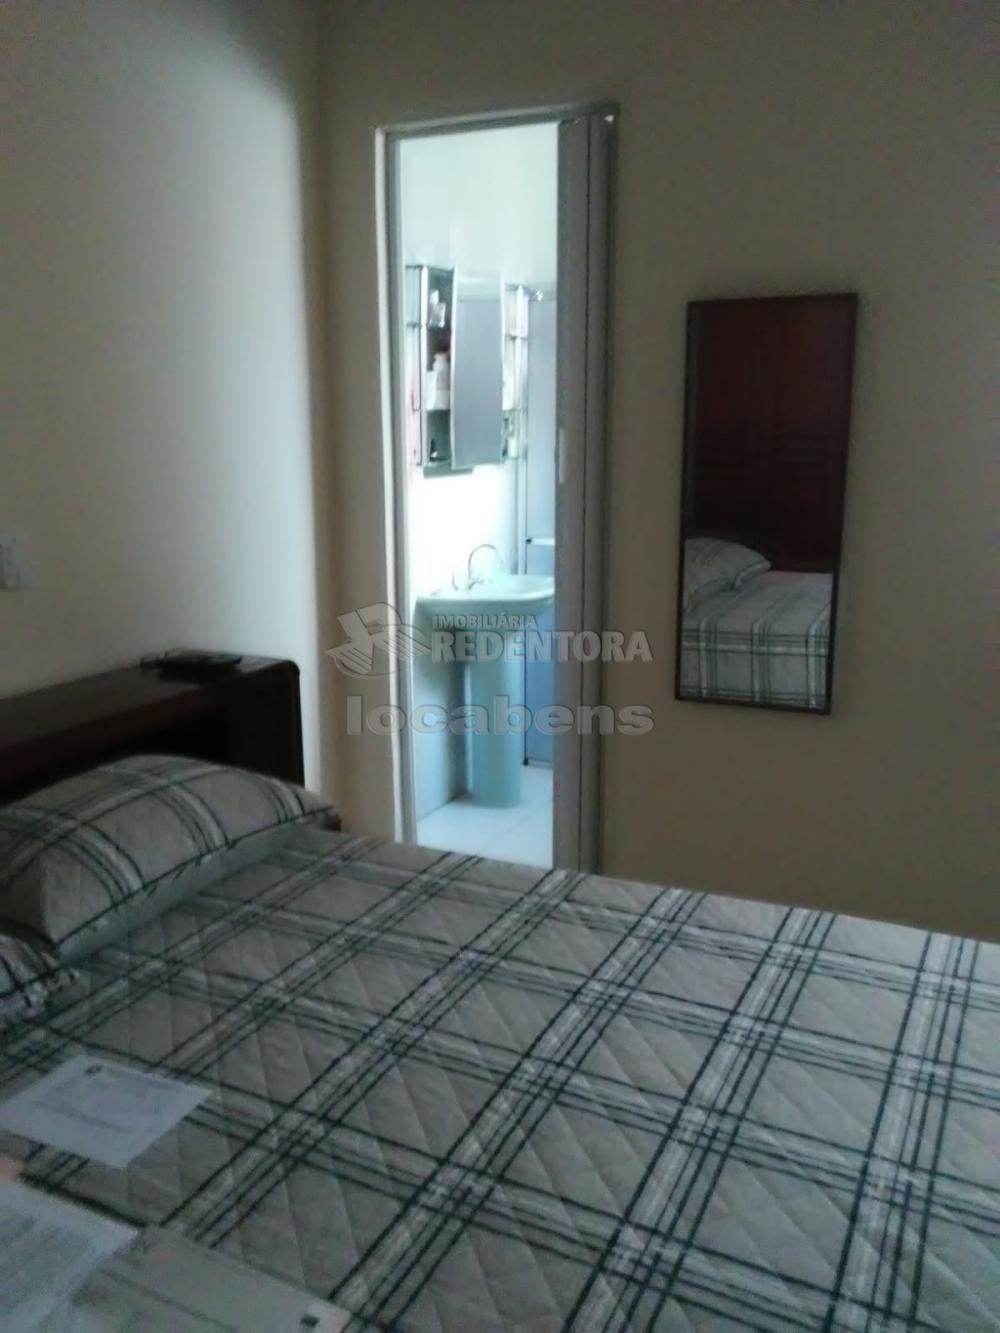 Comprar Casa / Padrão em São José do Rio Preto R$ 500.000,00 - Foto 10